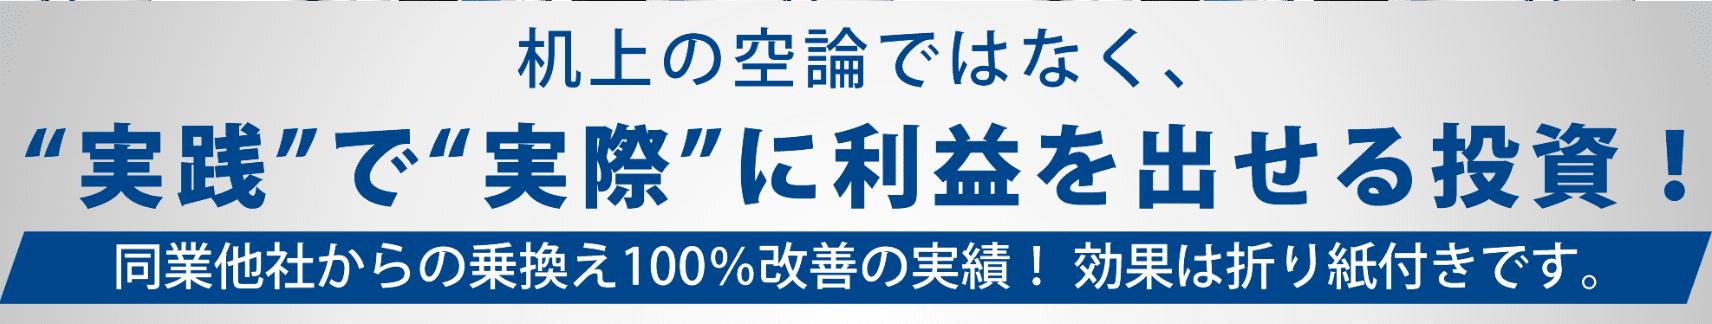 ジャパンダイレクトライン 文言